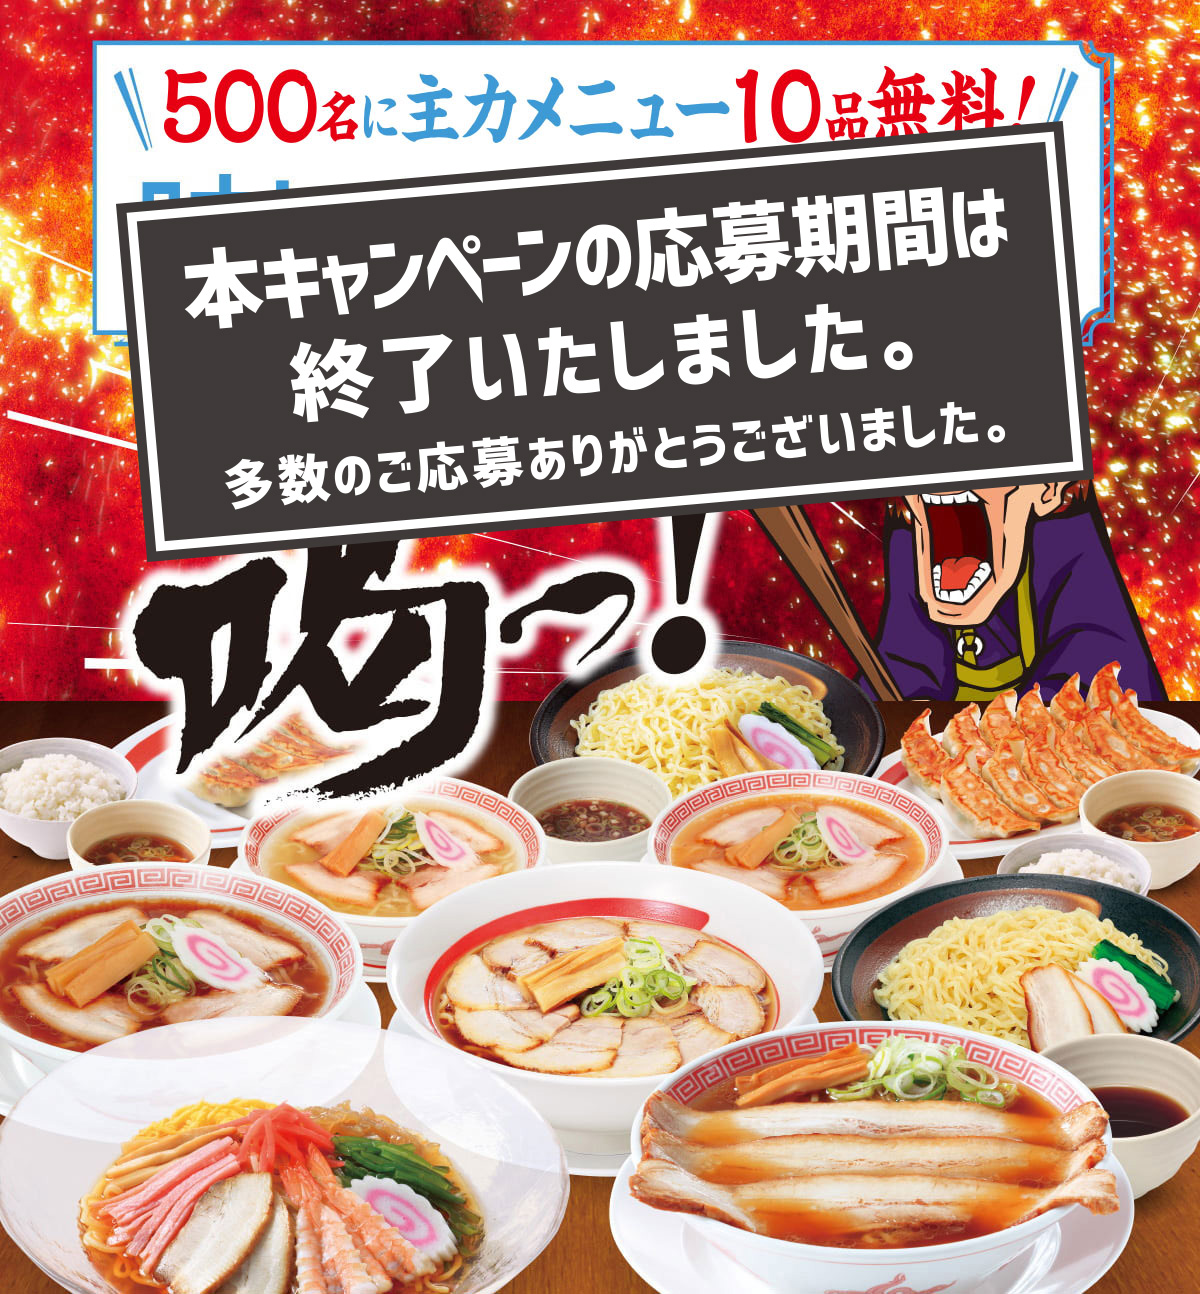 500名に主力メニュー10品無料!味に喝!キャンペーンⅡTwitterキャンペーン